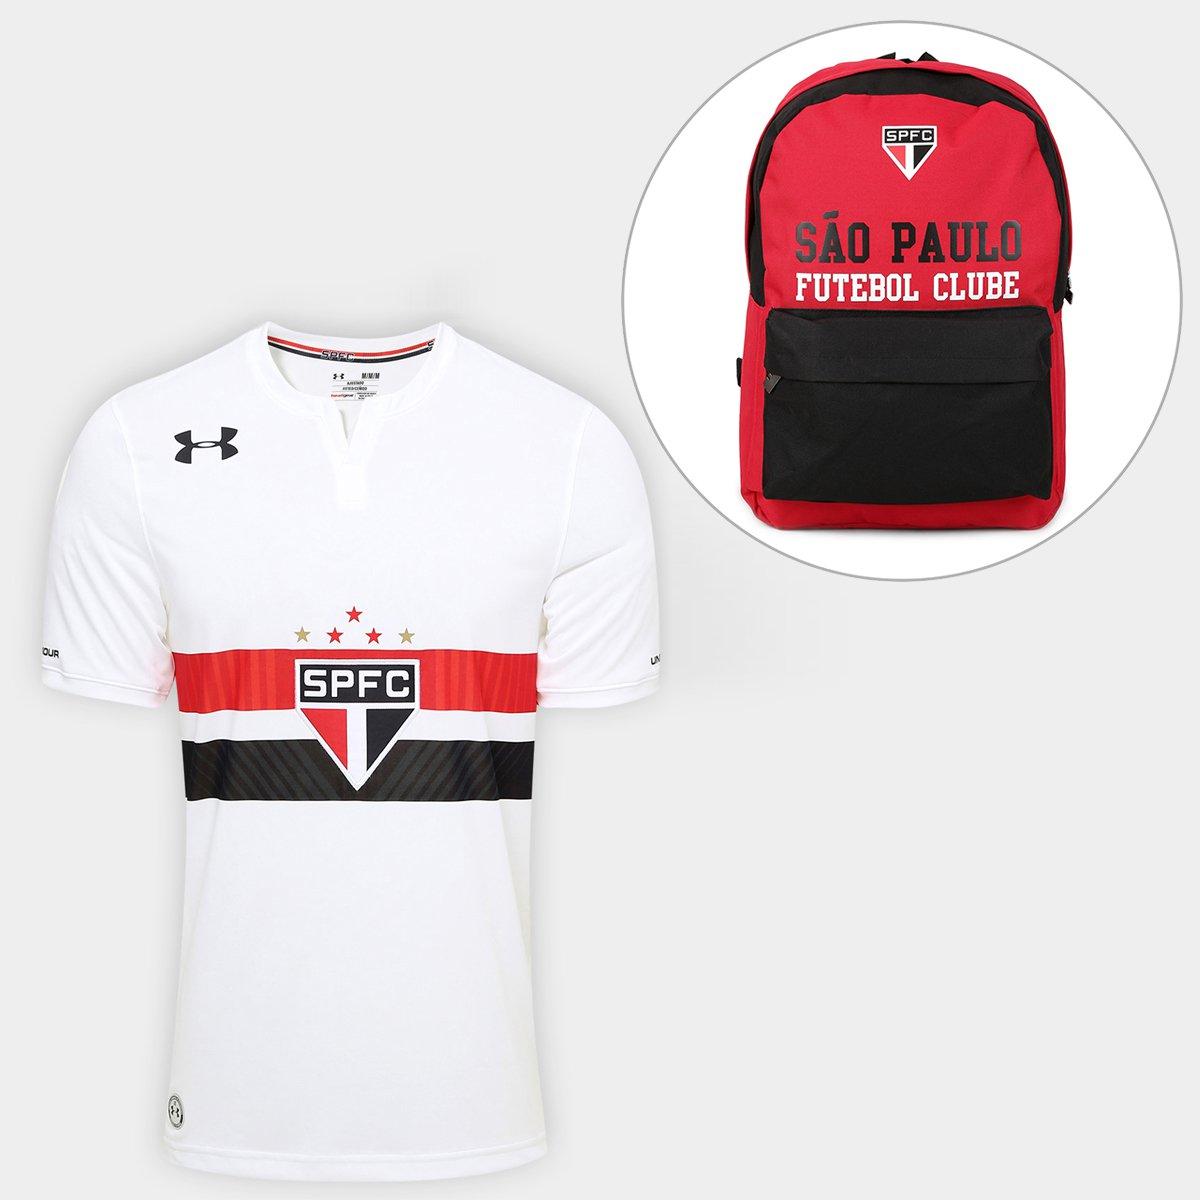 8079b1c6016 Kit Camisa São Paulo I 17 18 s nº Torcedor Under Armour Masculina + Mochila  São Paulo Medium FC 17 - Compre Agora